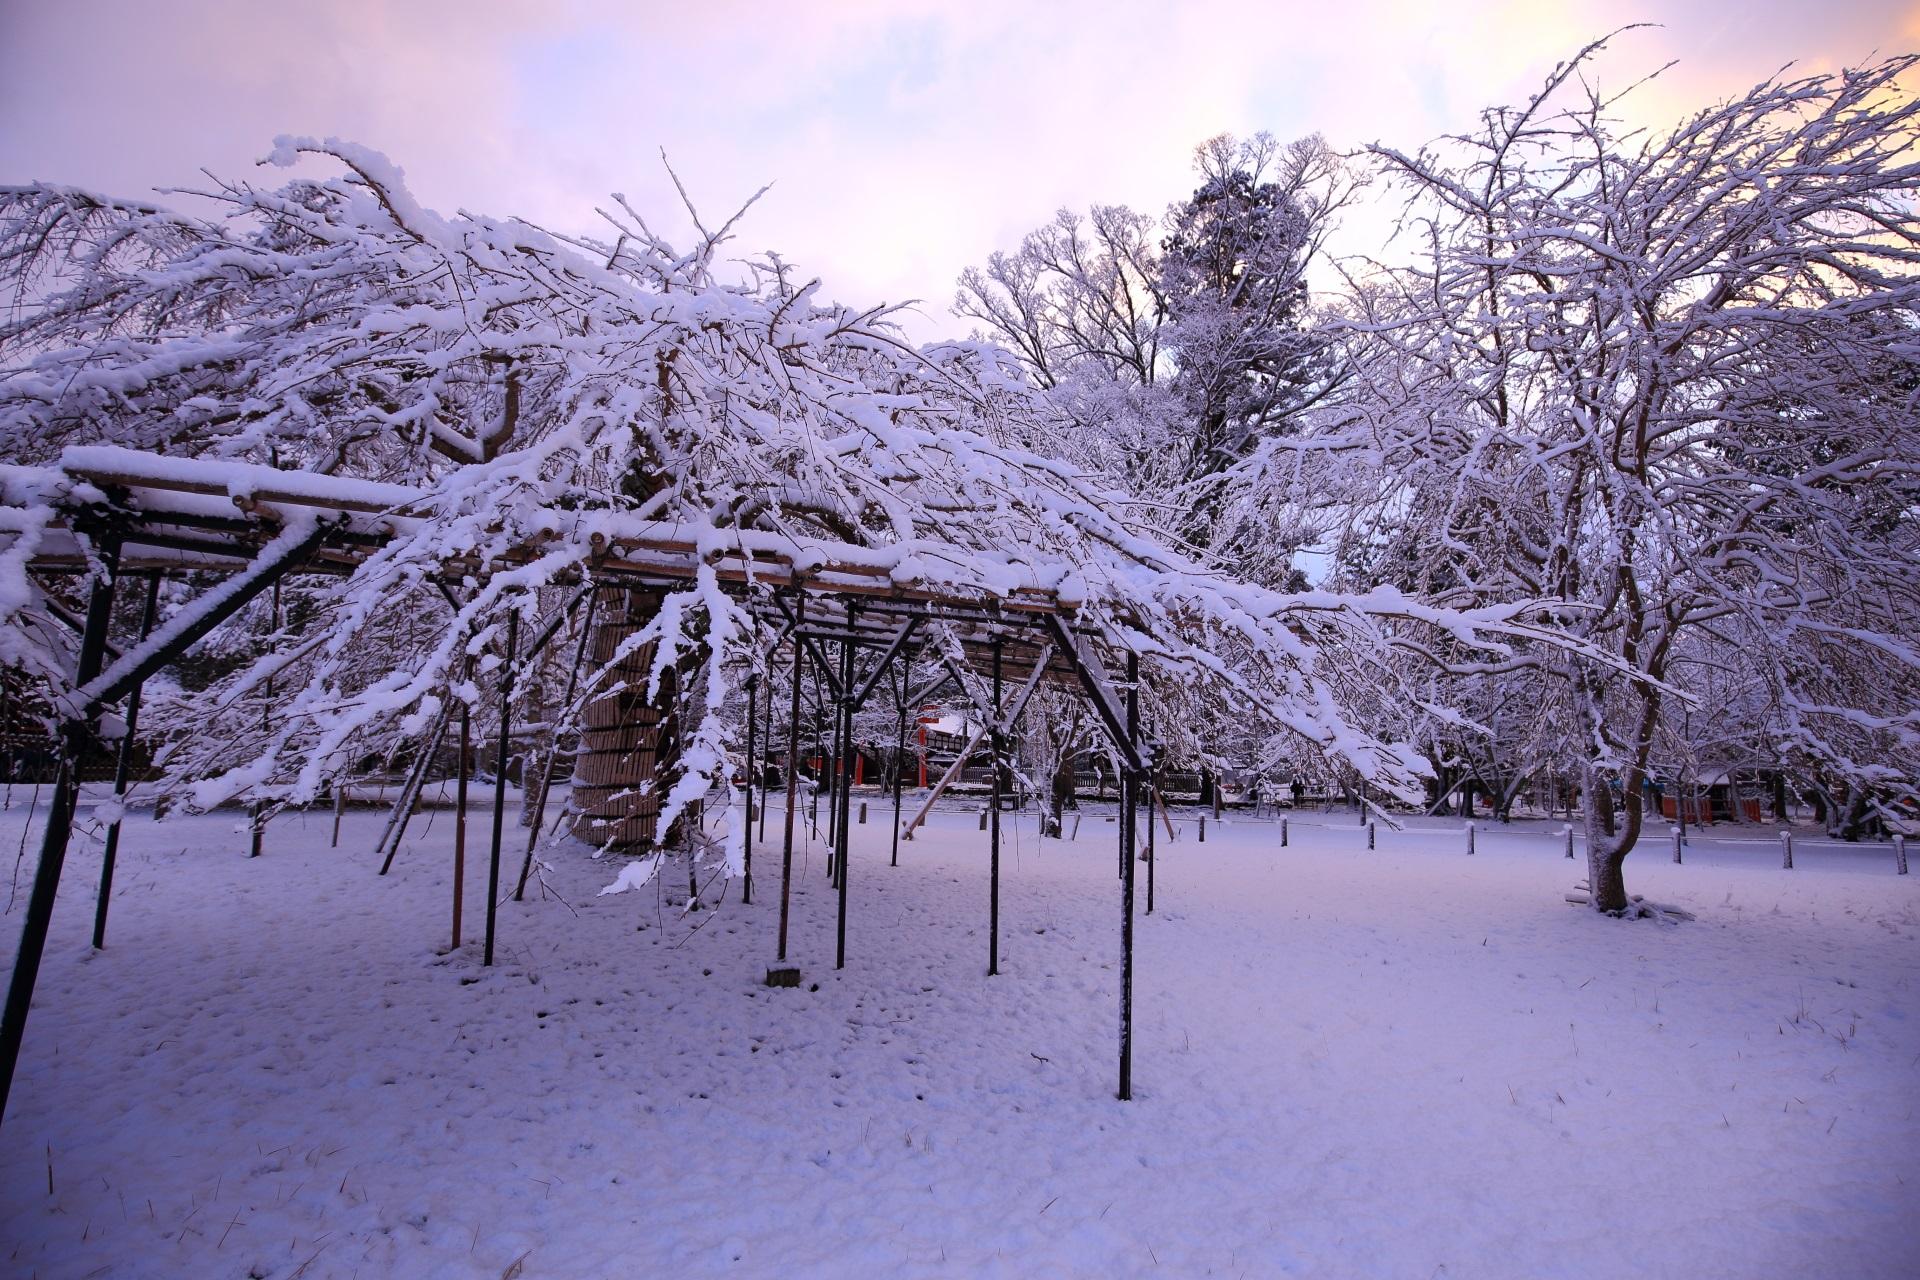 上賀茂神社の淡い朝焼けの空から降り注ぐ雪の華